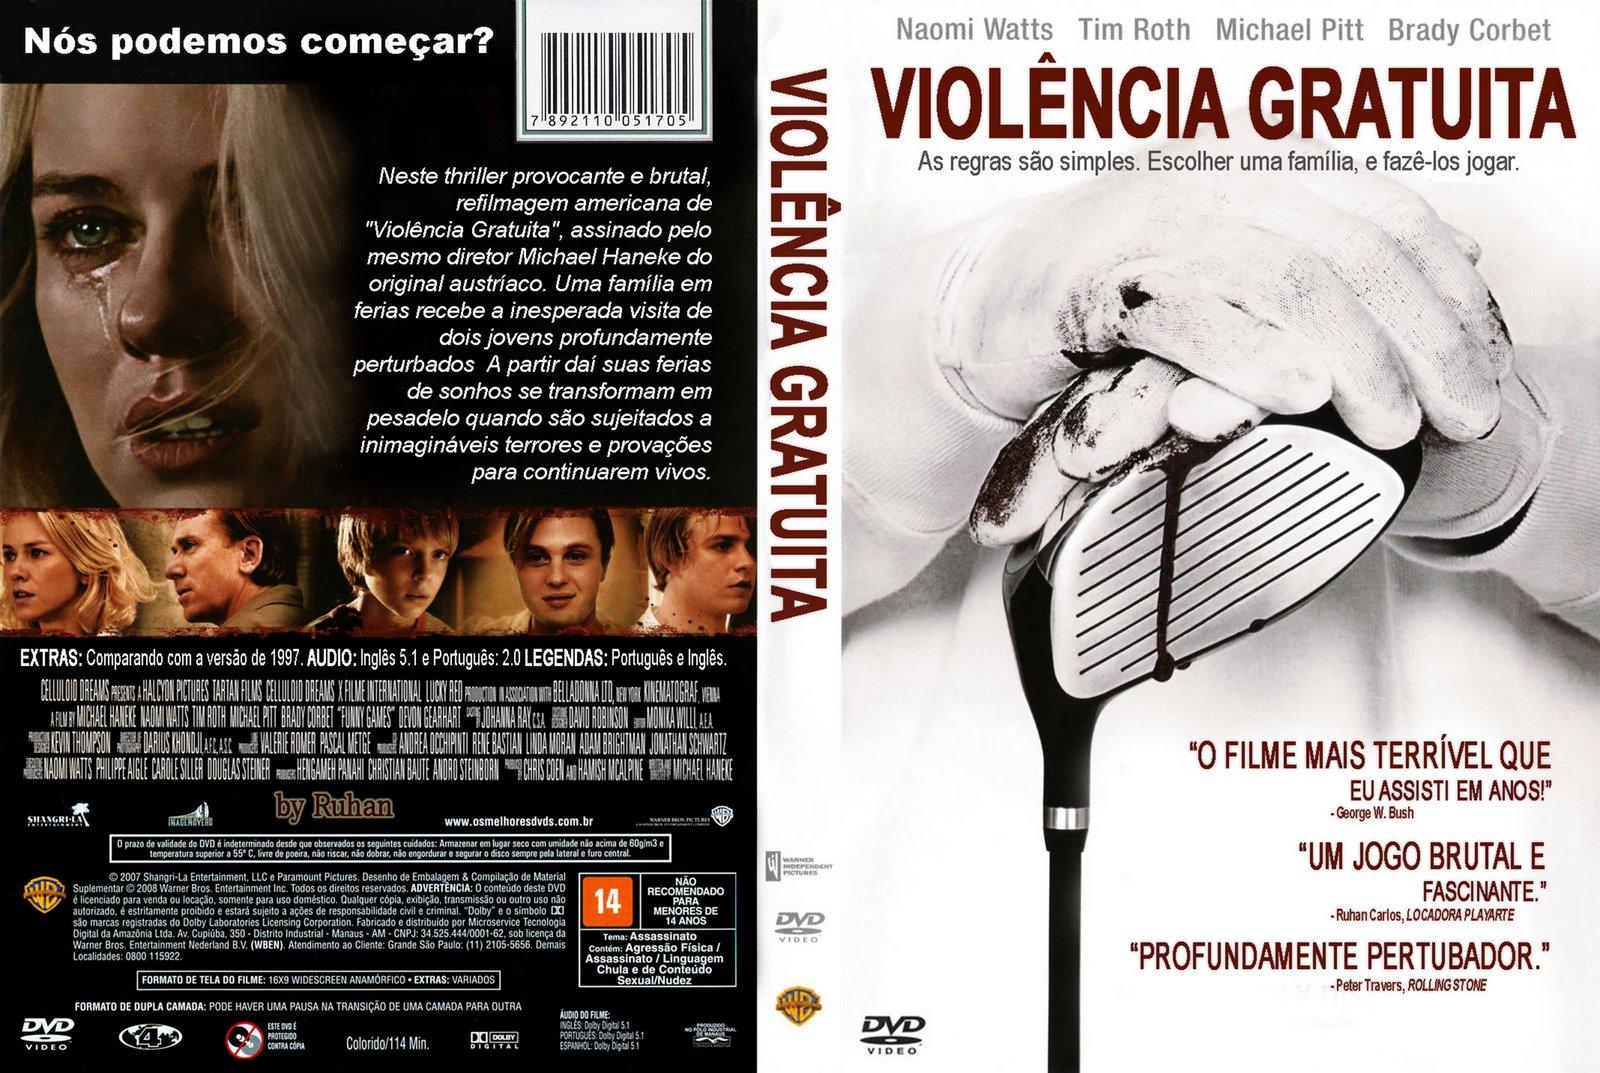 http://3.bp.blogspot.com/_56N_enXK-4o/TE2GNDzXqkI/AAAAAAAAAWA/M0hBOyZF2AU/s1600/Violencia_Gratuita__-_outra_capa.jpg